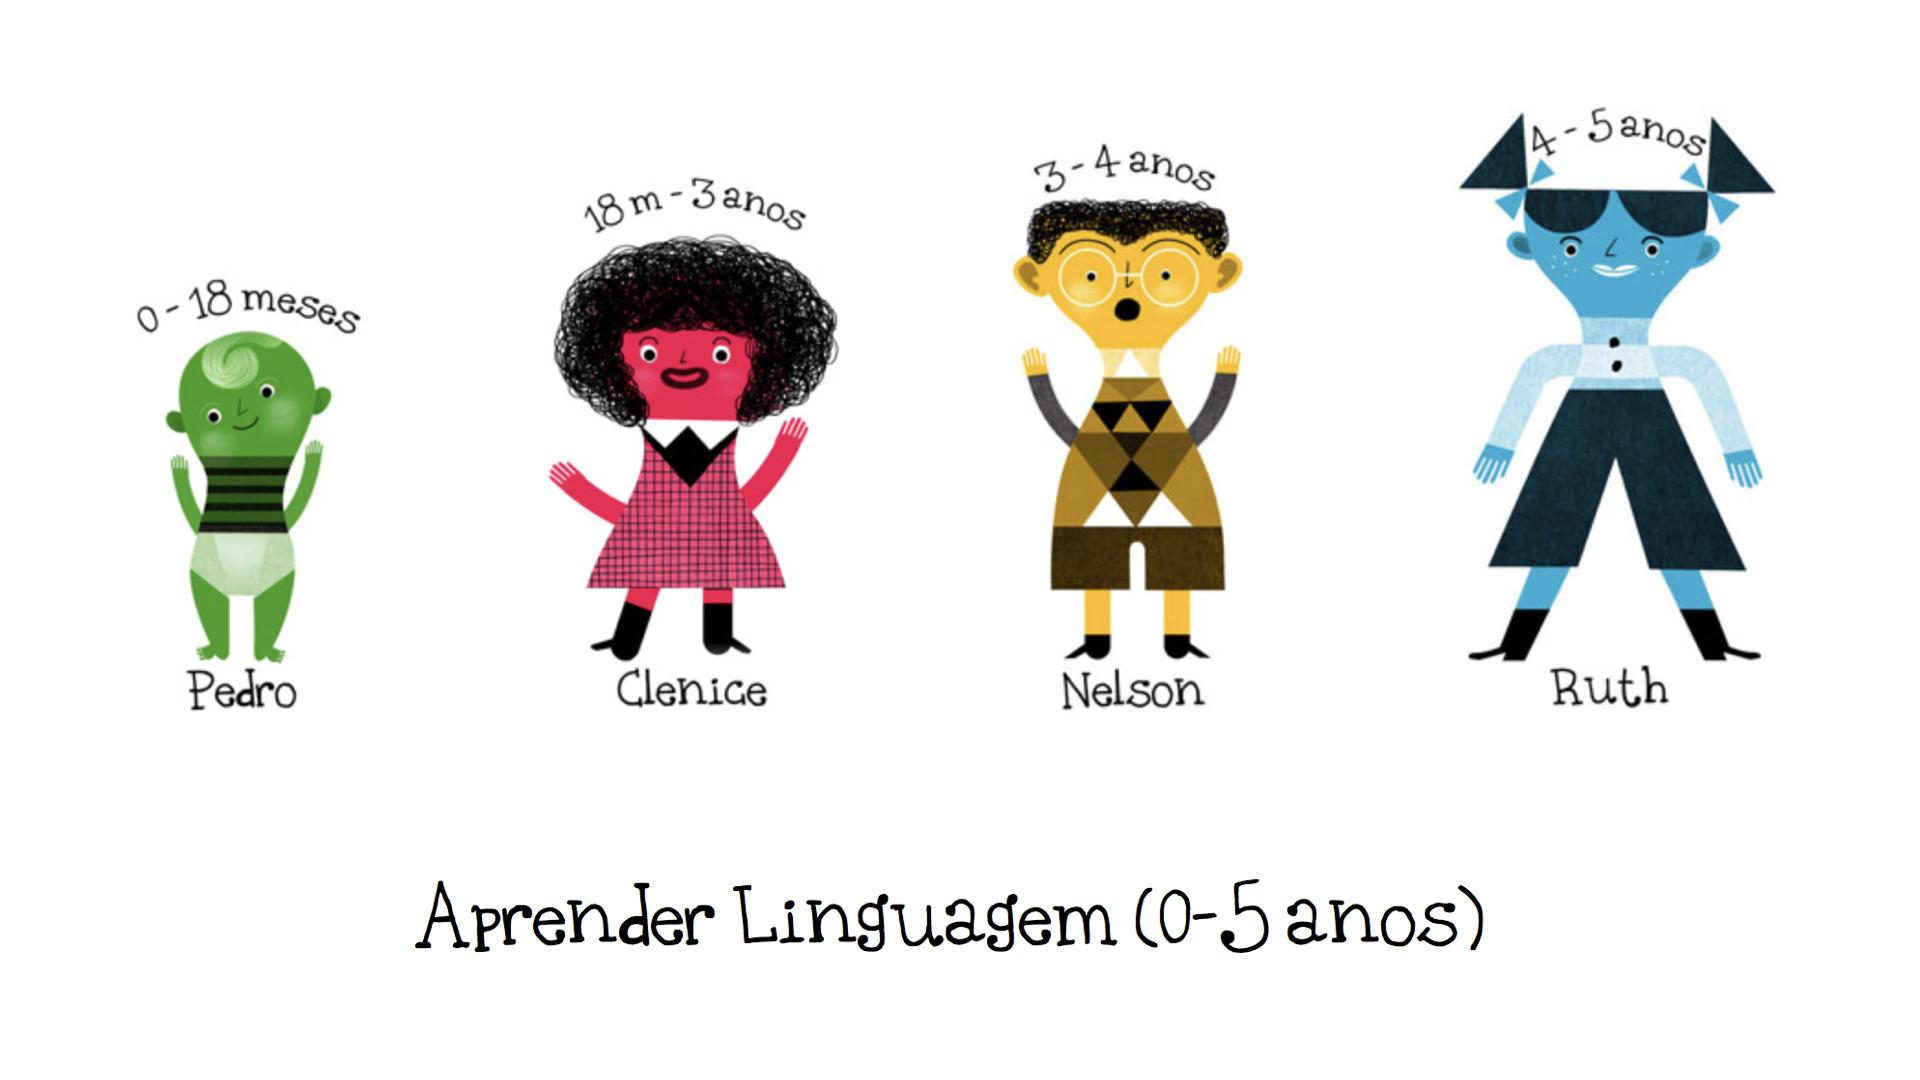 Aprender linguagem: olha pra mim, conversa comigo!